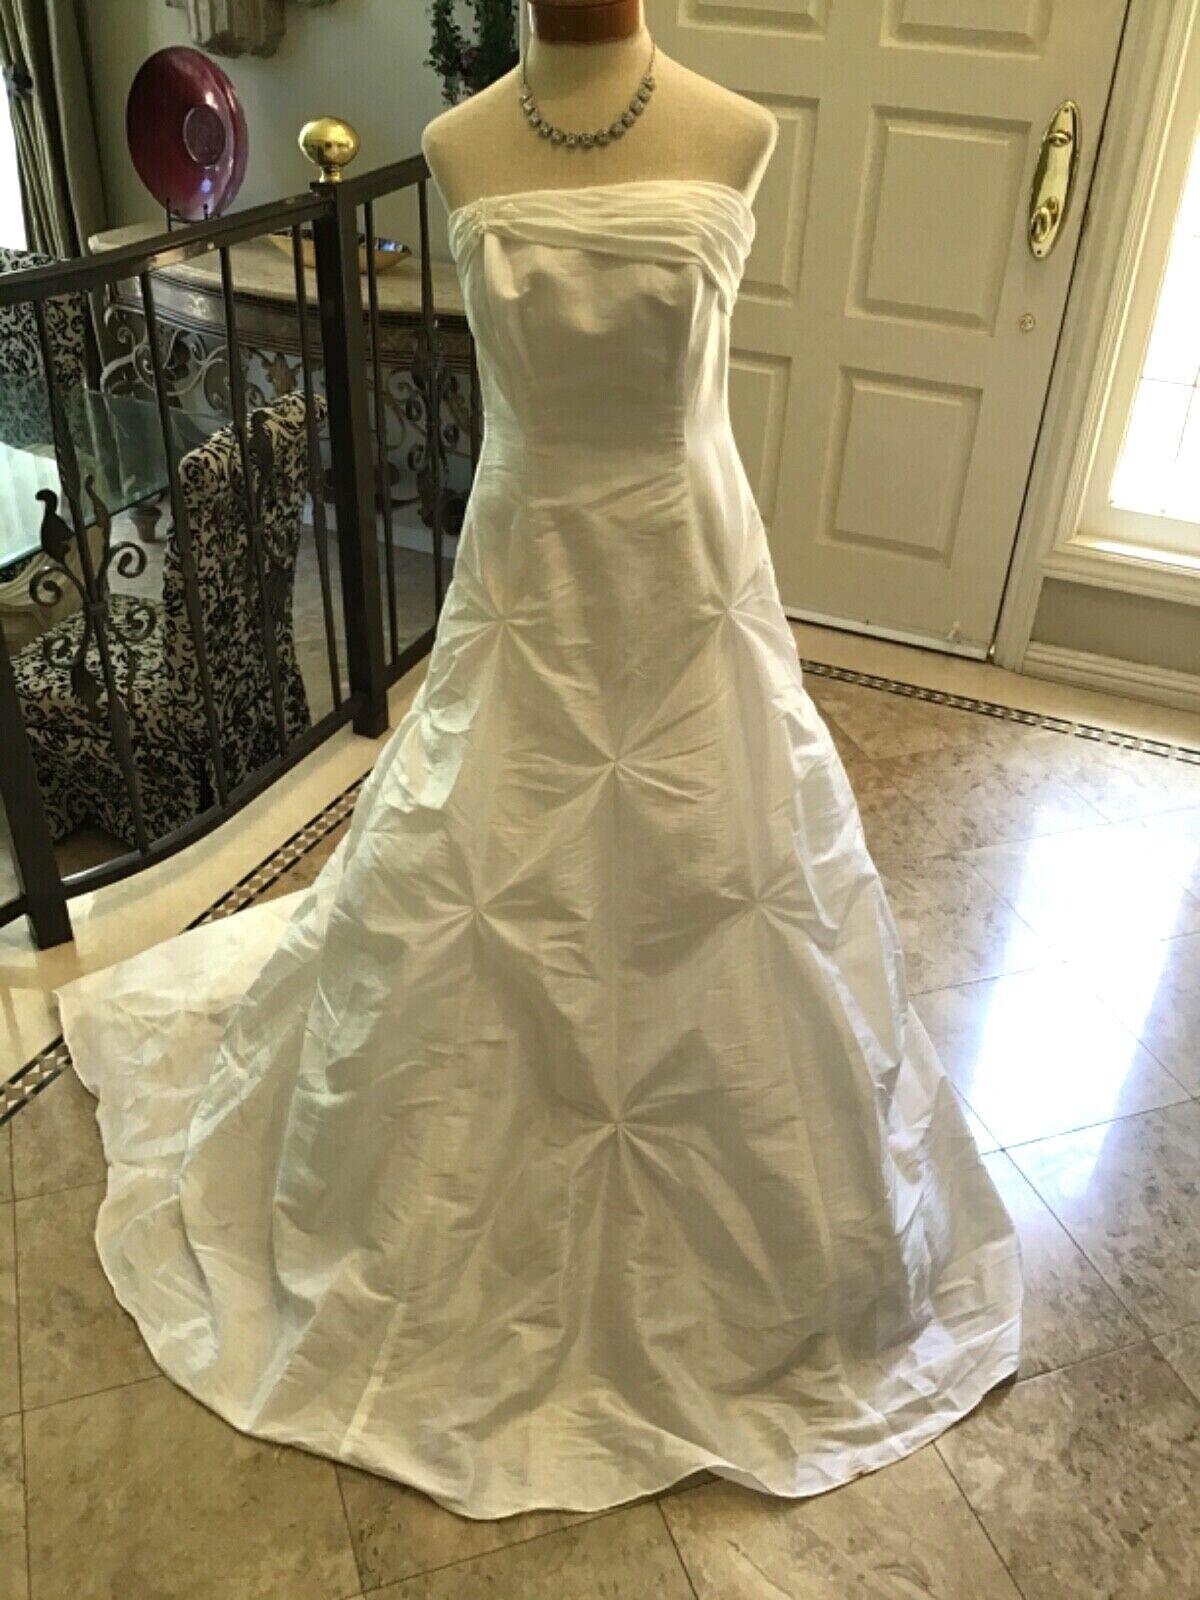 Destiny Braut Hochzeit Abendkleid Kleid Taftkleid Weiß 8 Neu mit Etikett